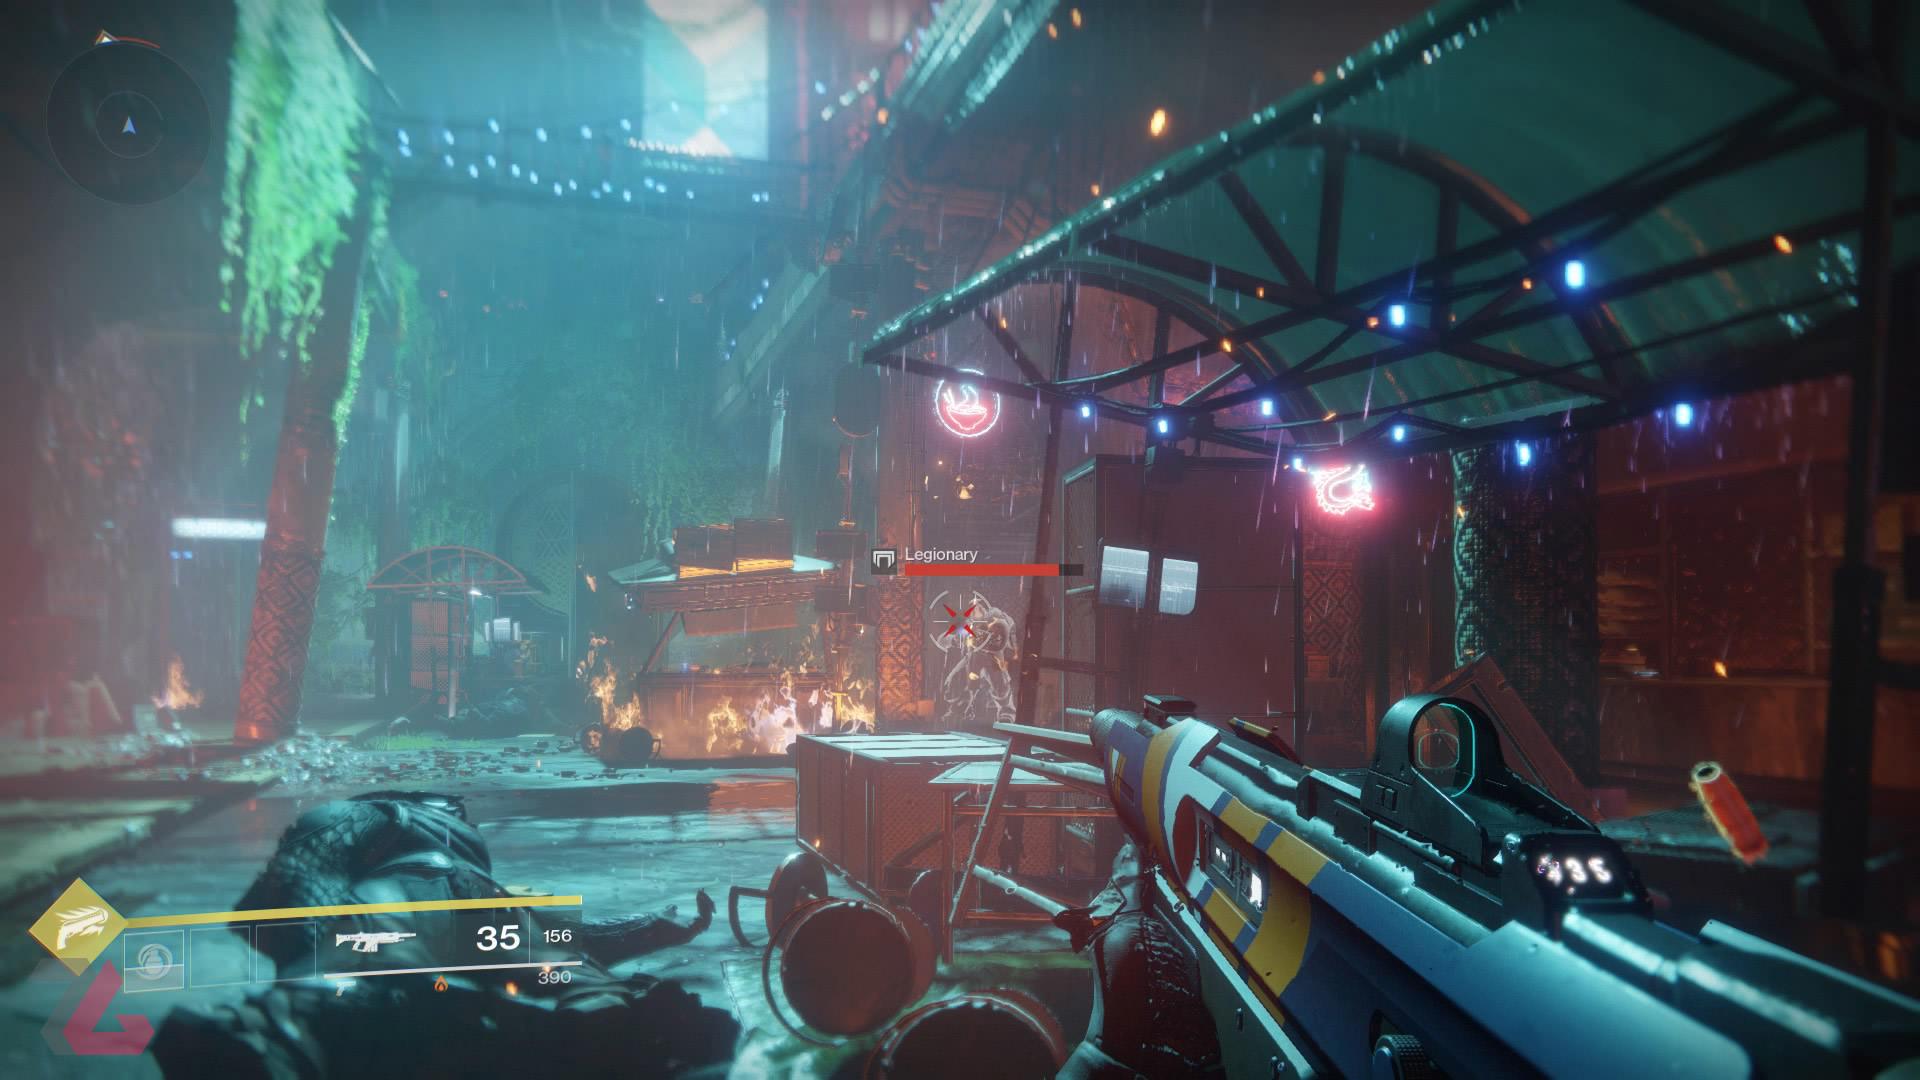 نقد و بررسی بازی Destiny 2